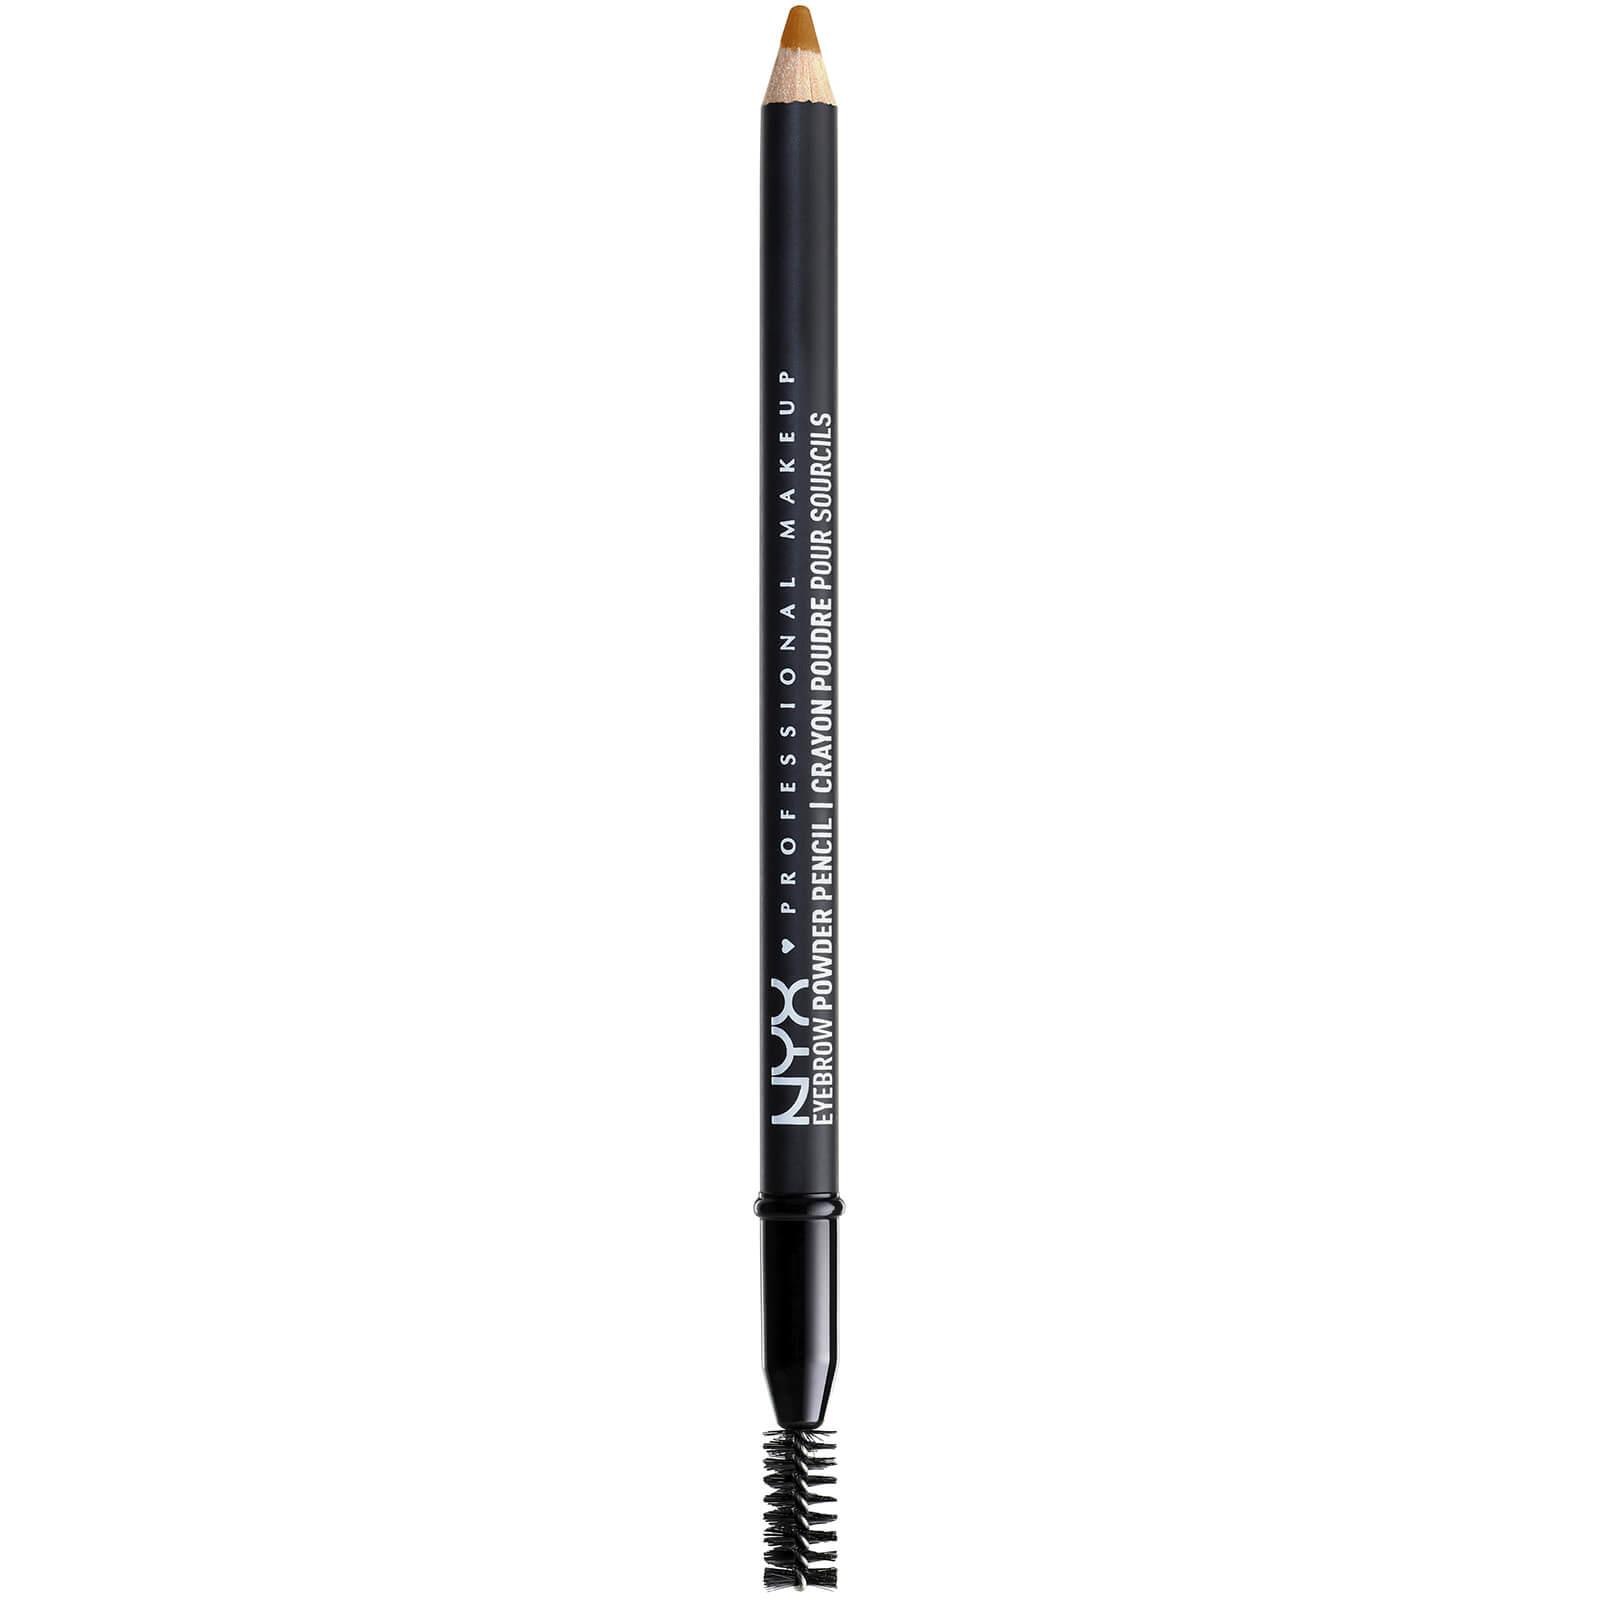 Купить Пудровый карандаш для бровей NYX Professional Makeup Eyebrow Powder Pencil (различные оттенки) - Auburn